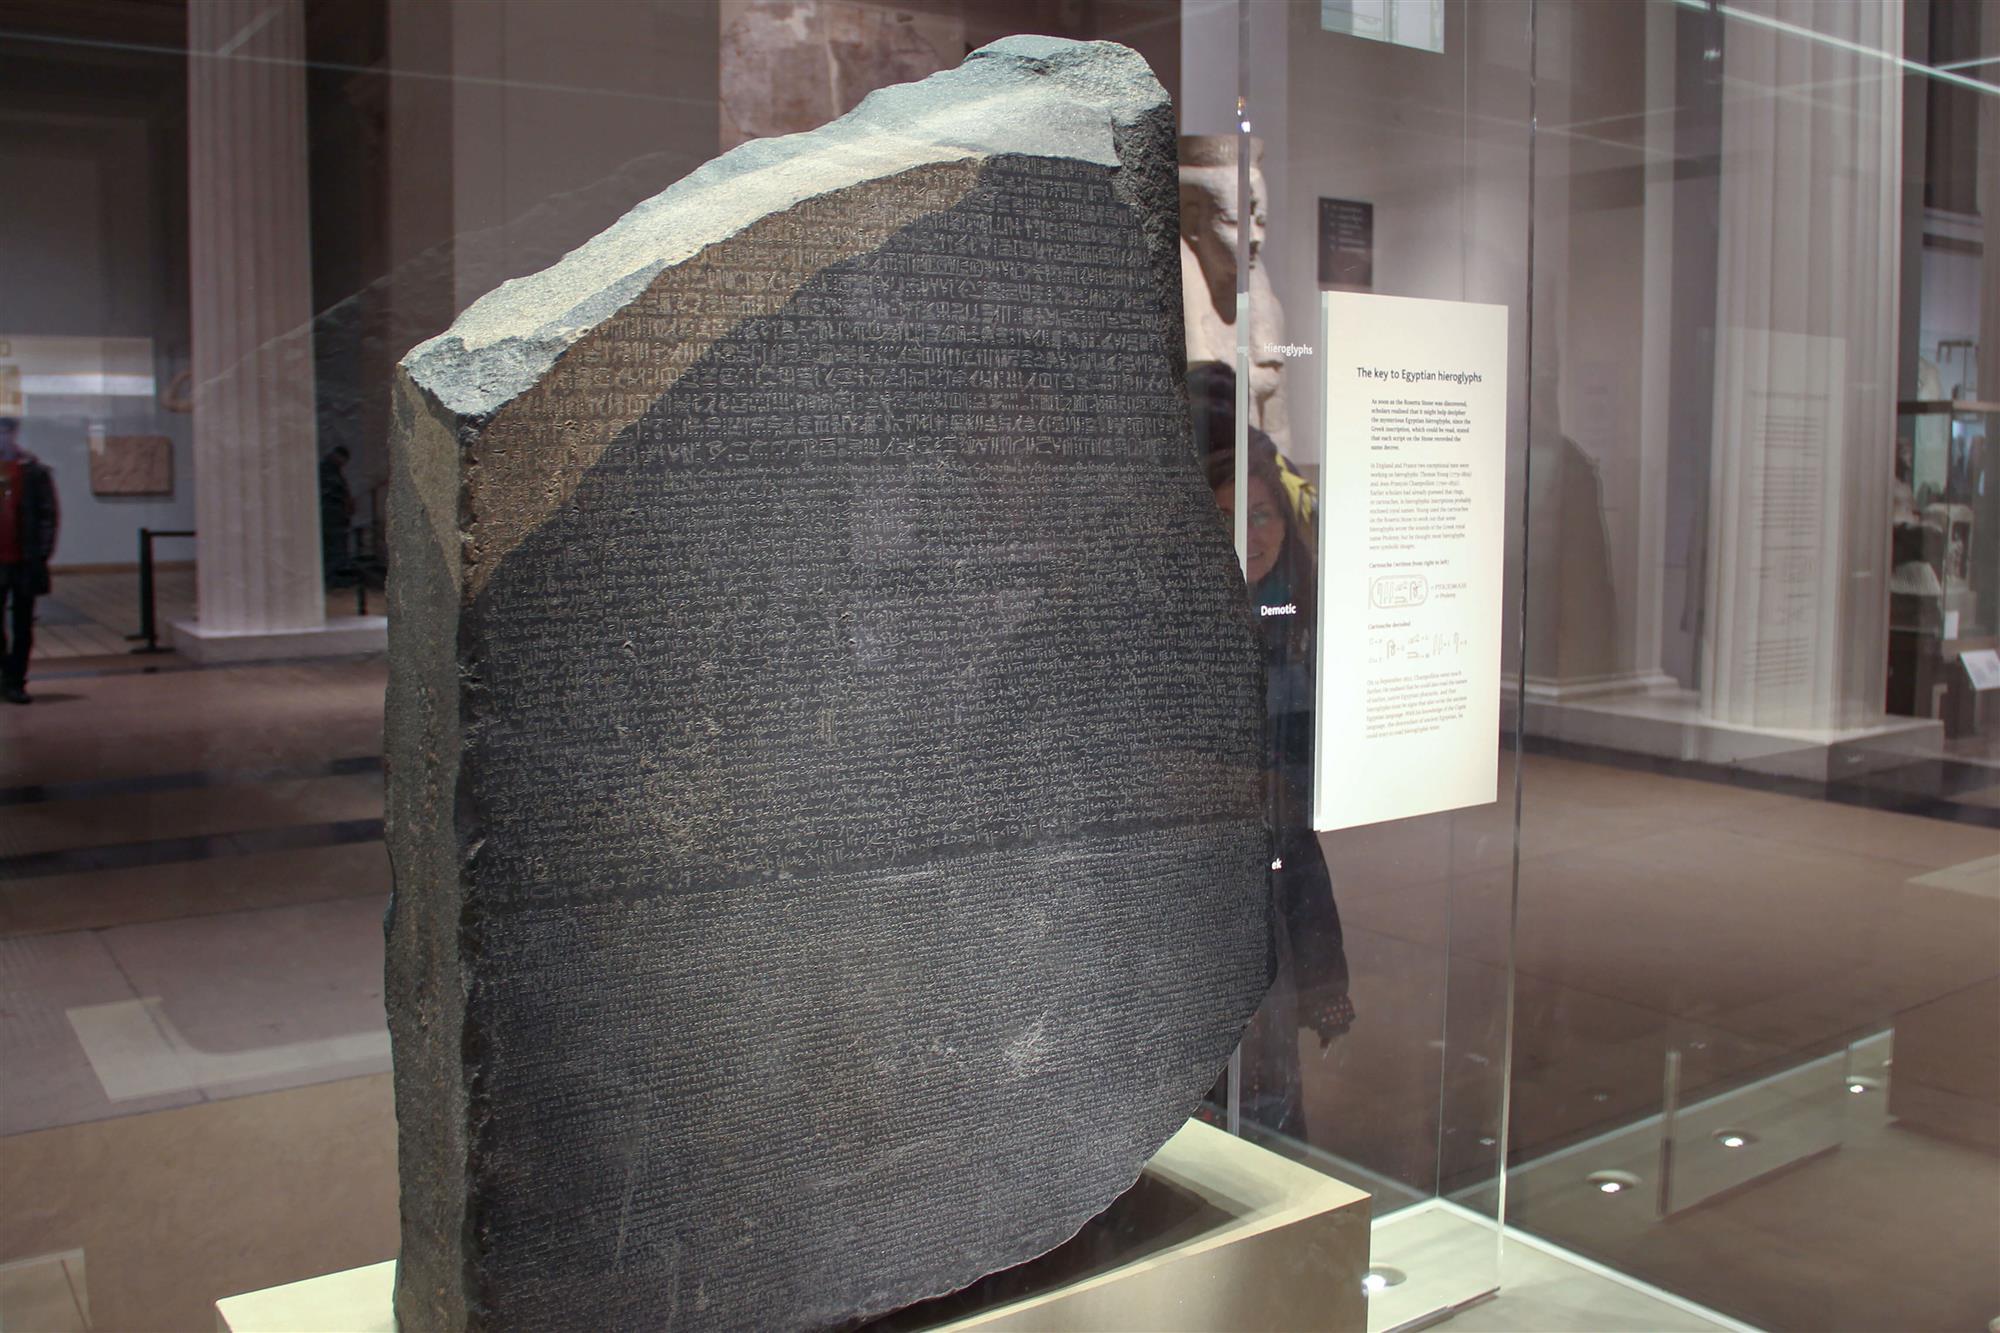 El descubrimiento de la piedra de Rosetta